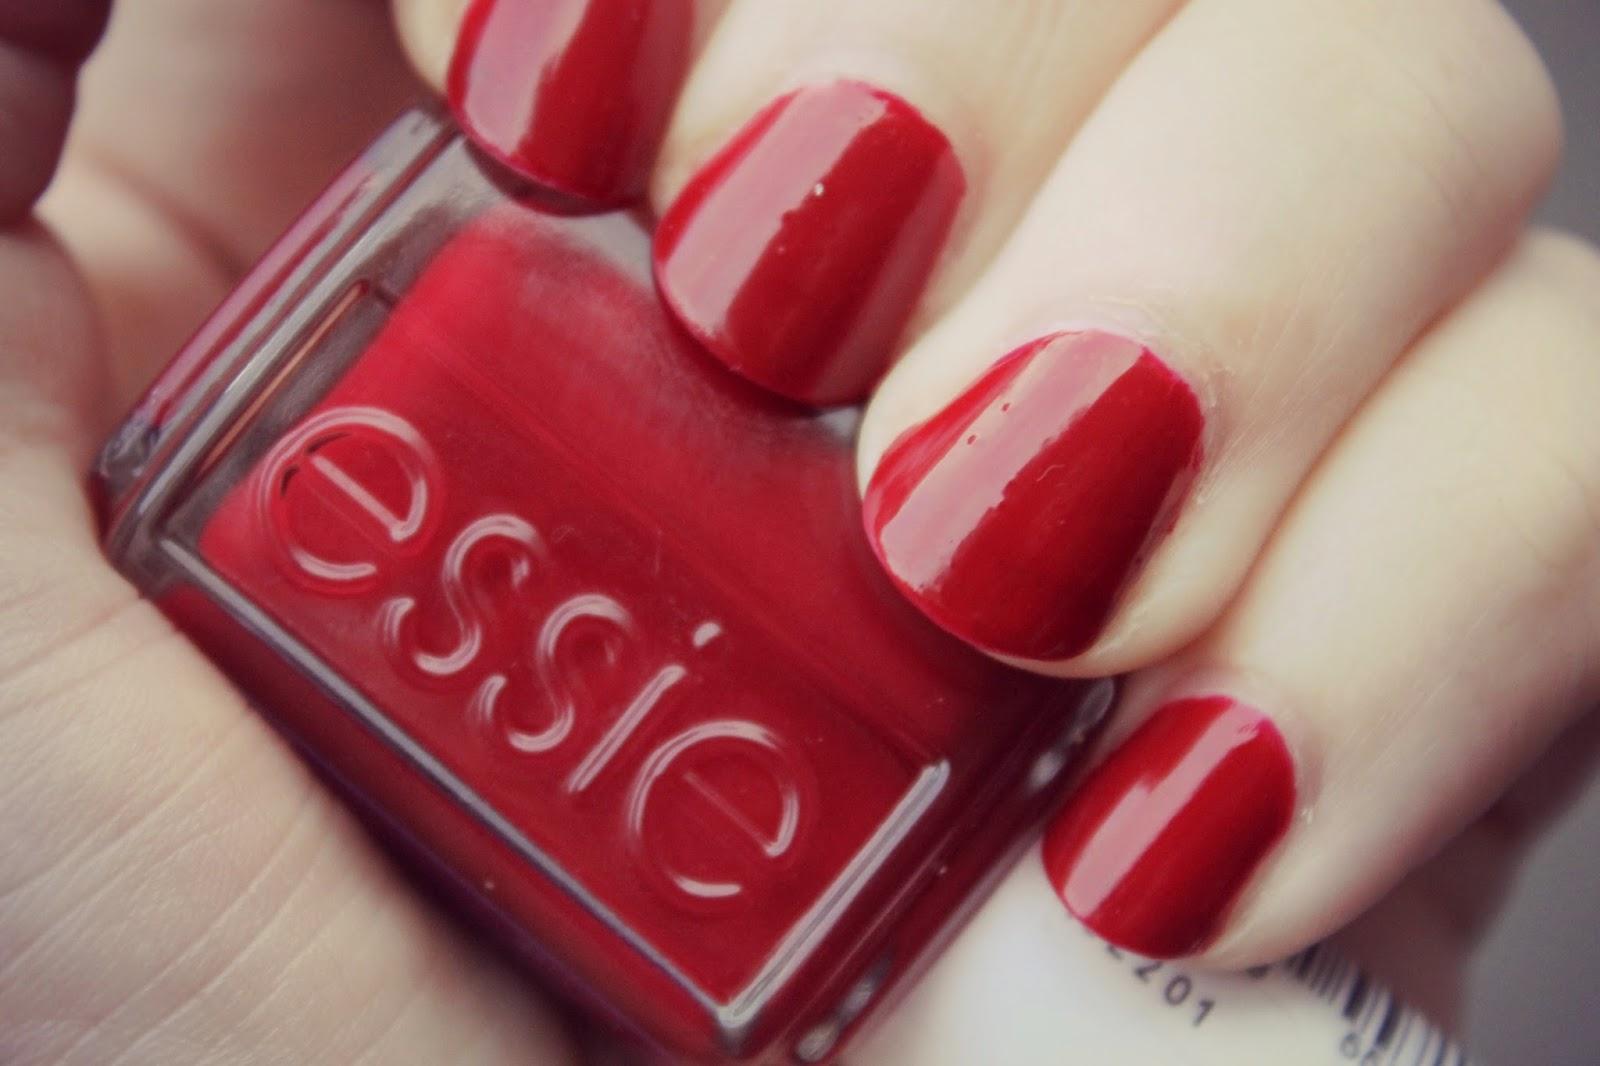 Essie A List Swatch